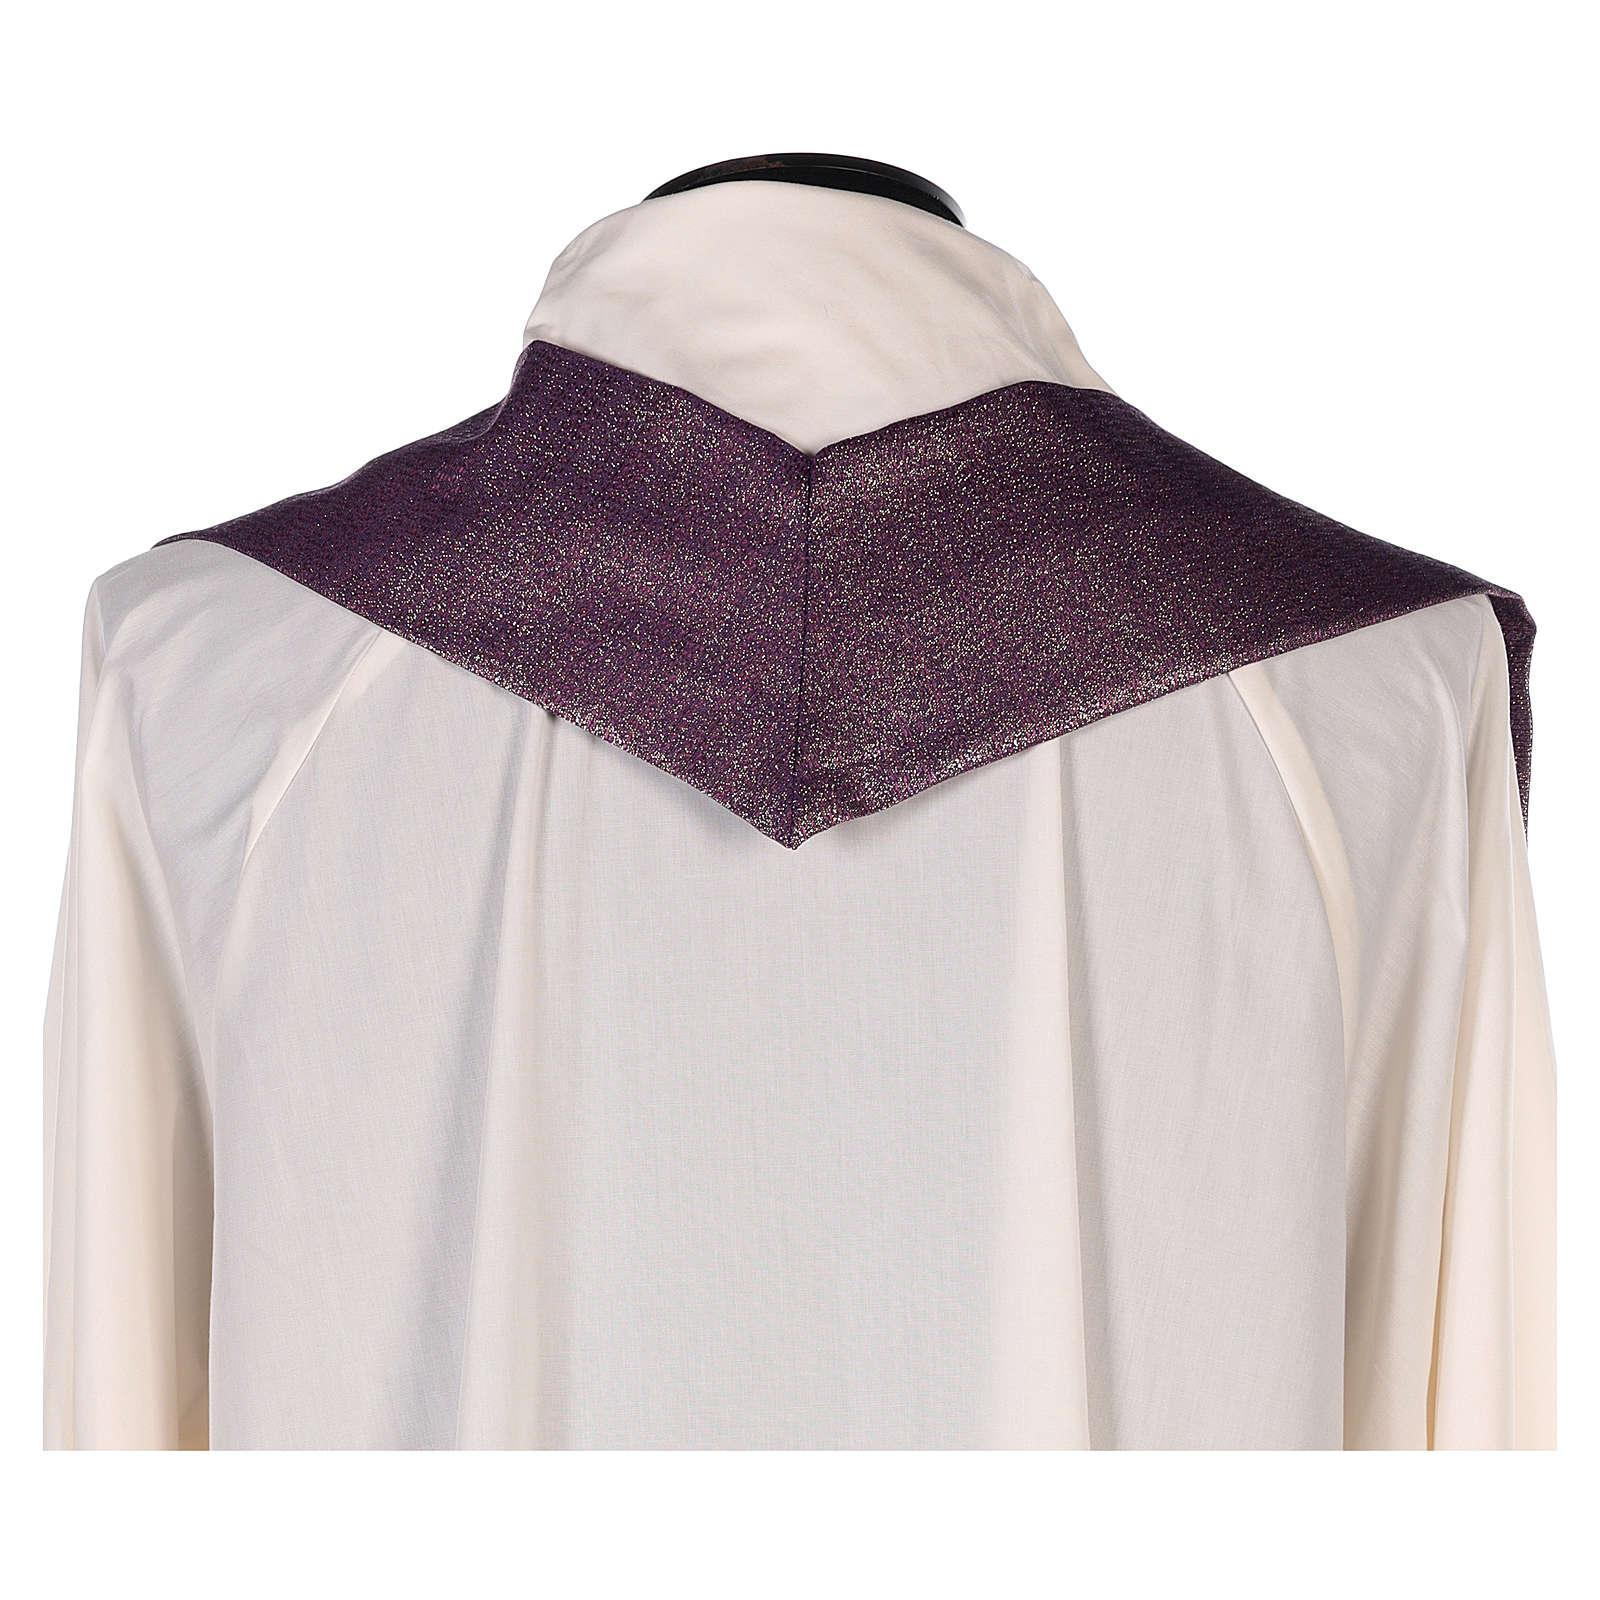 Casula 100% pura lana vergine lucido XP 4